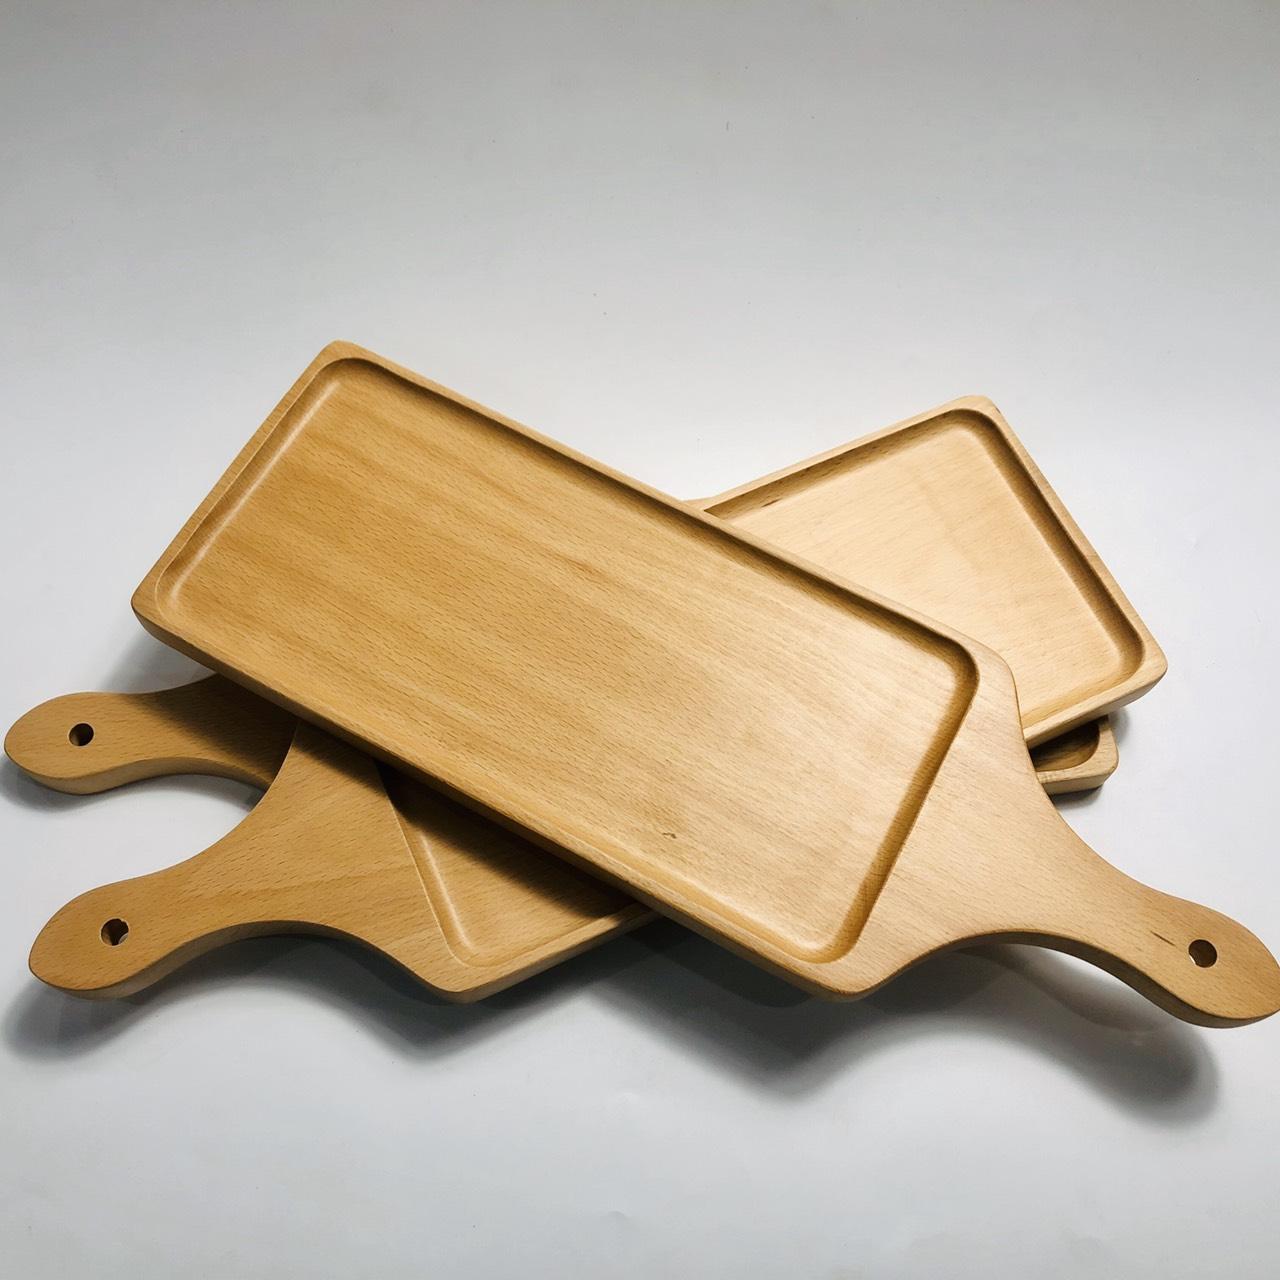 Khay có tay cầm gỗ beech 44.5x15cm